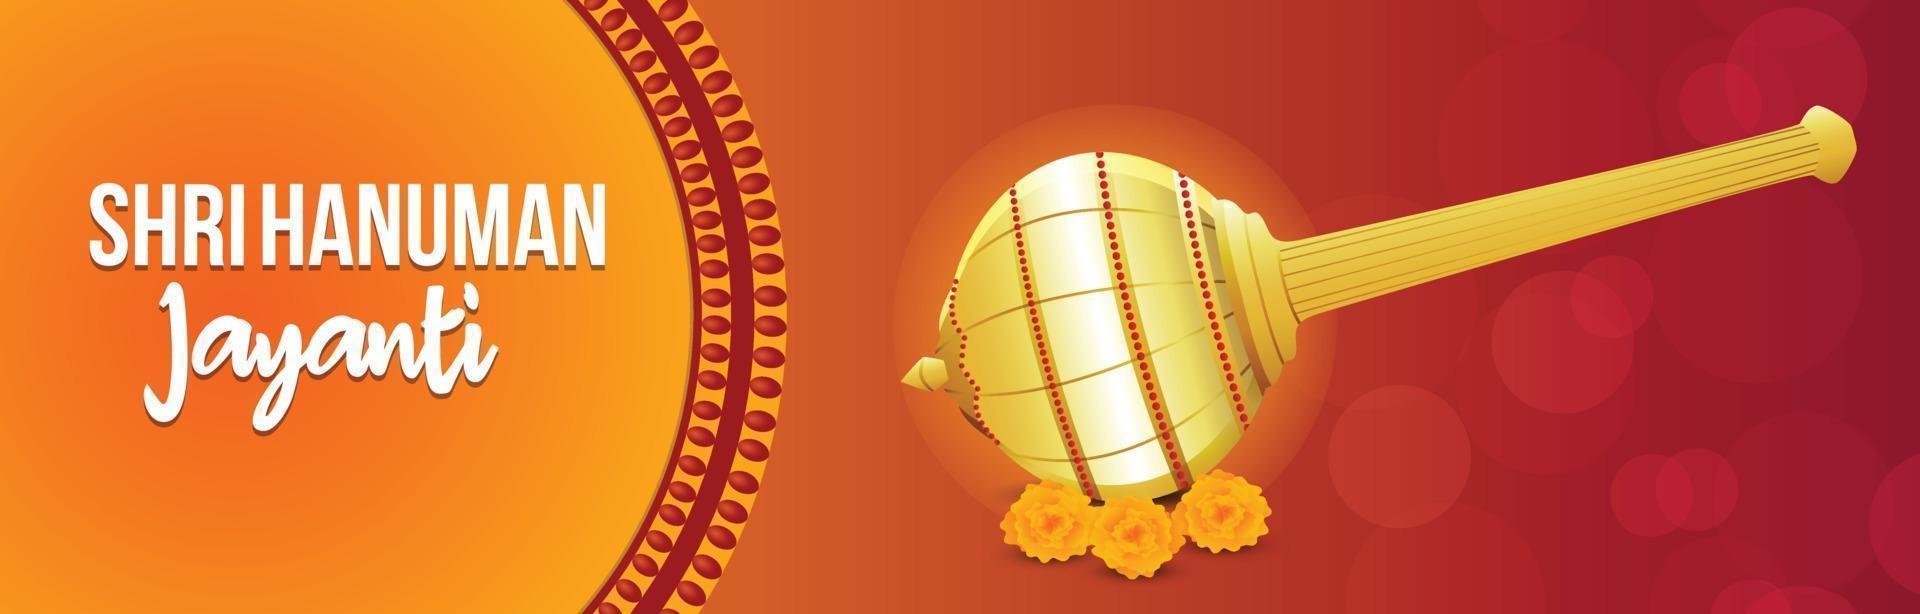 Shri hanuman jayanti bannière ou en-tête vecteur